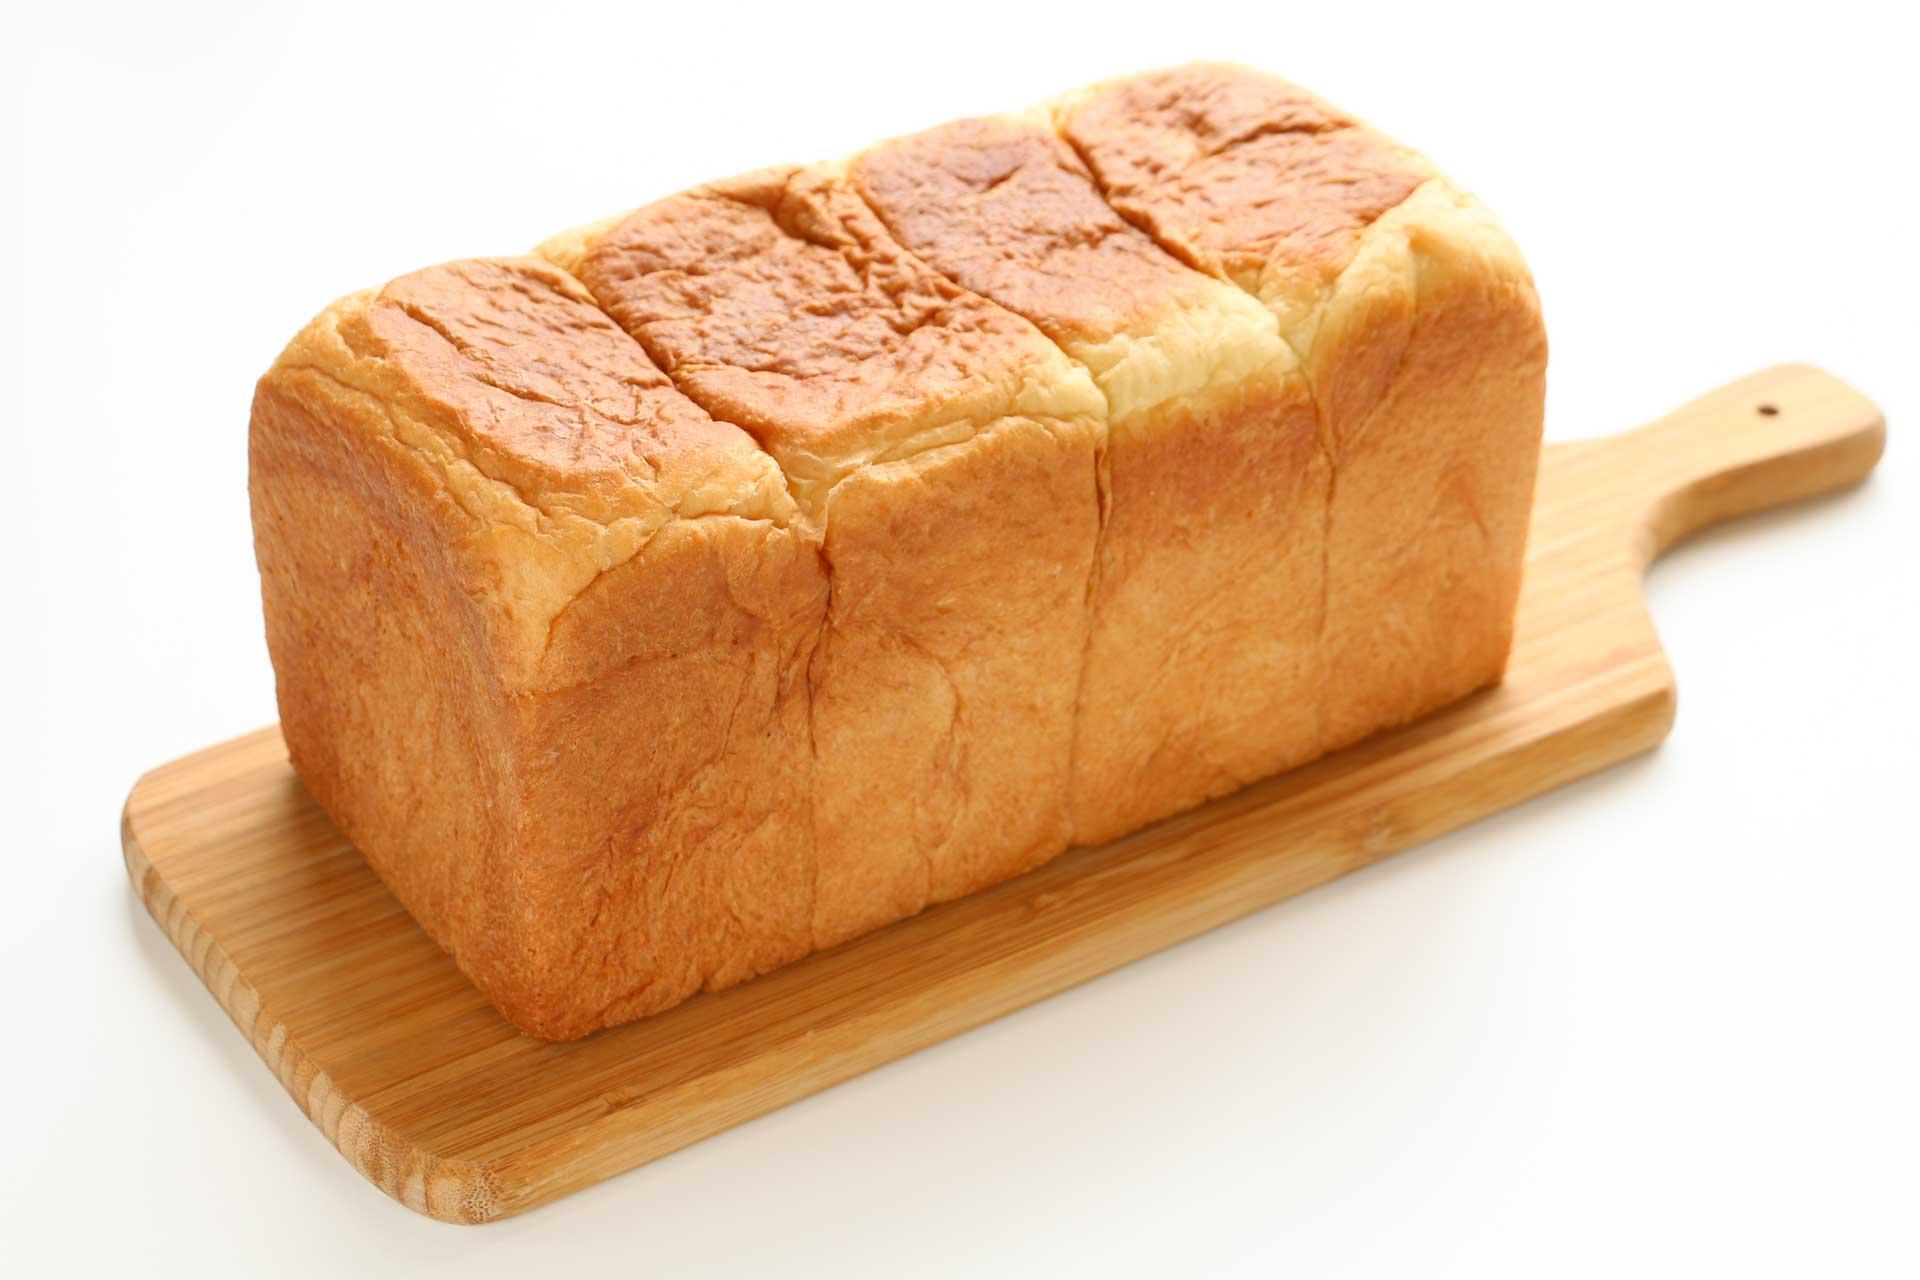 川場プレミアム食パンの商品詳細イメージ-992